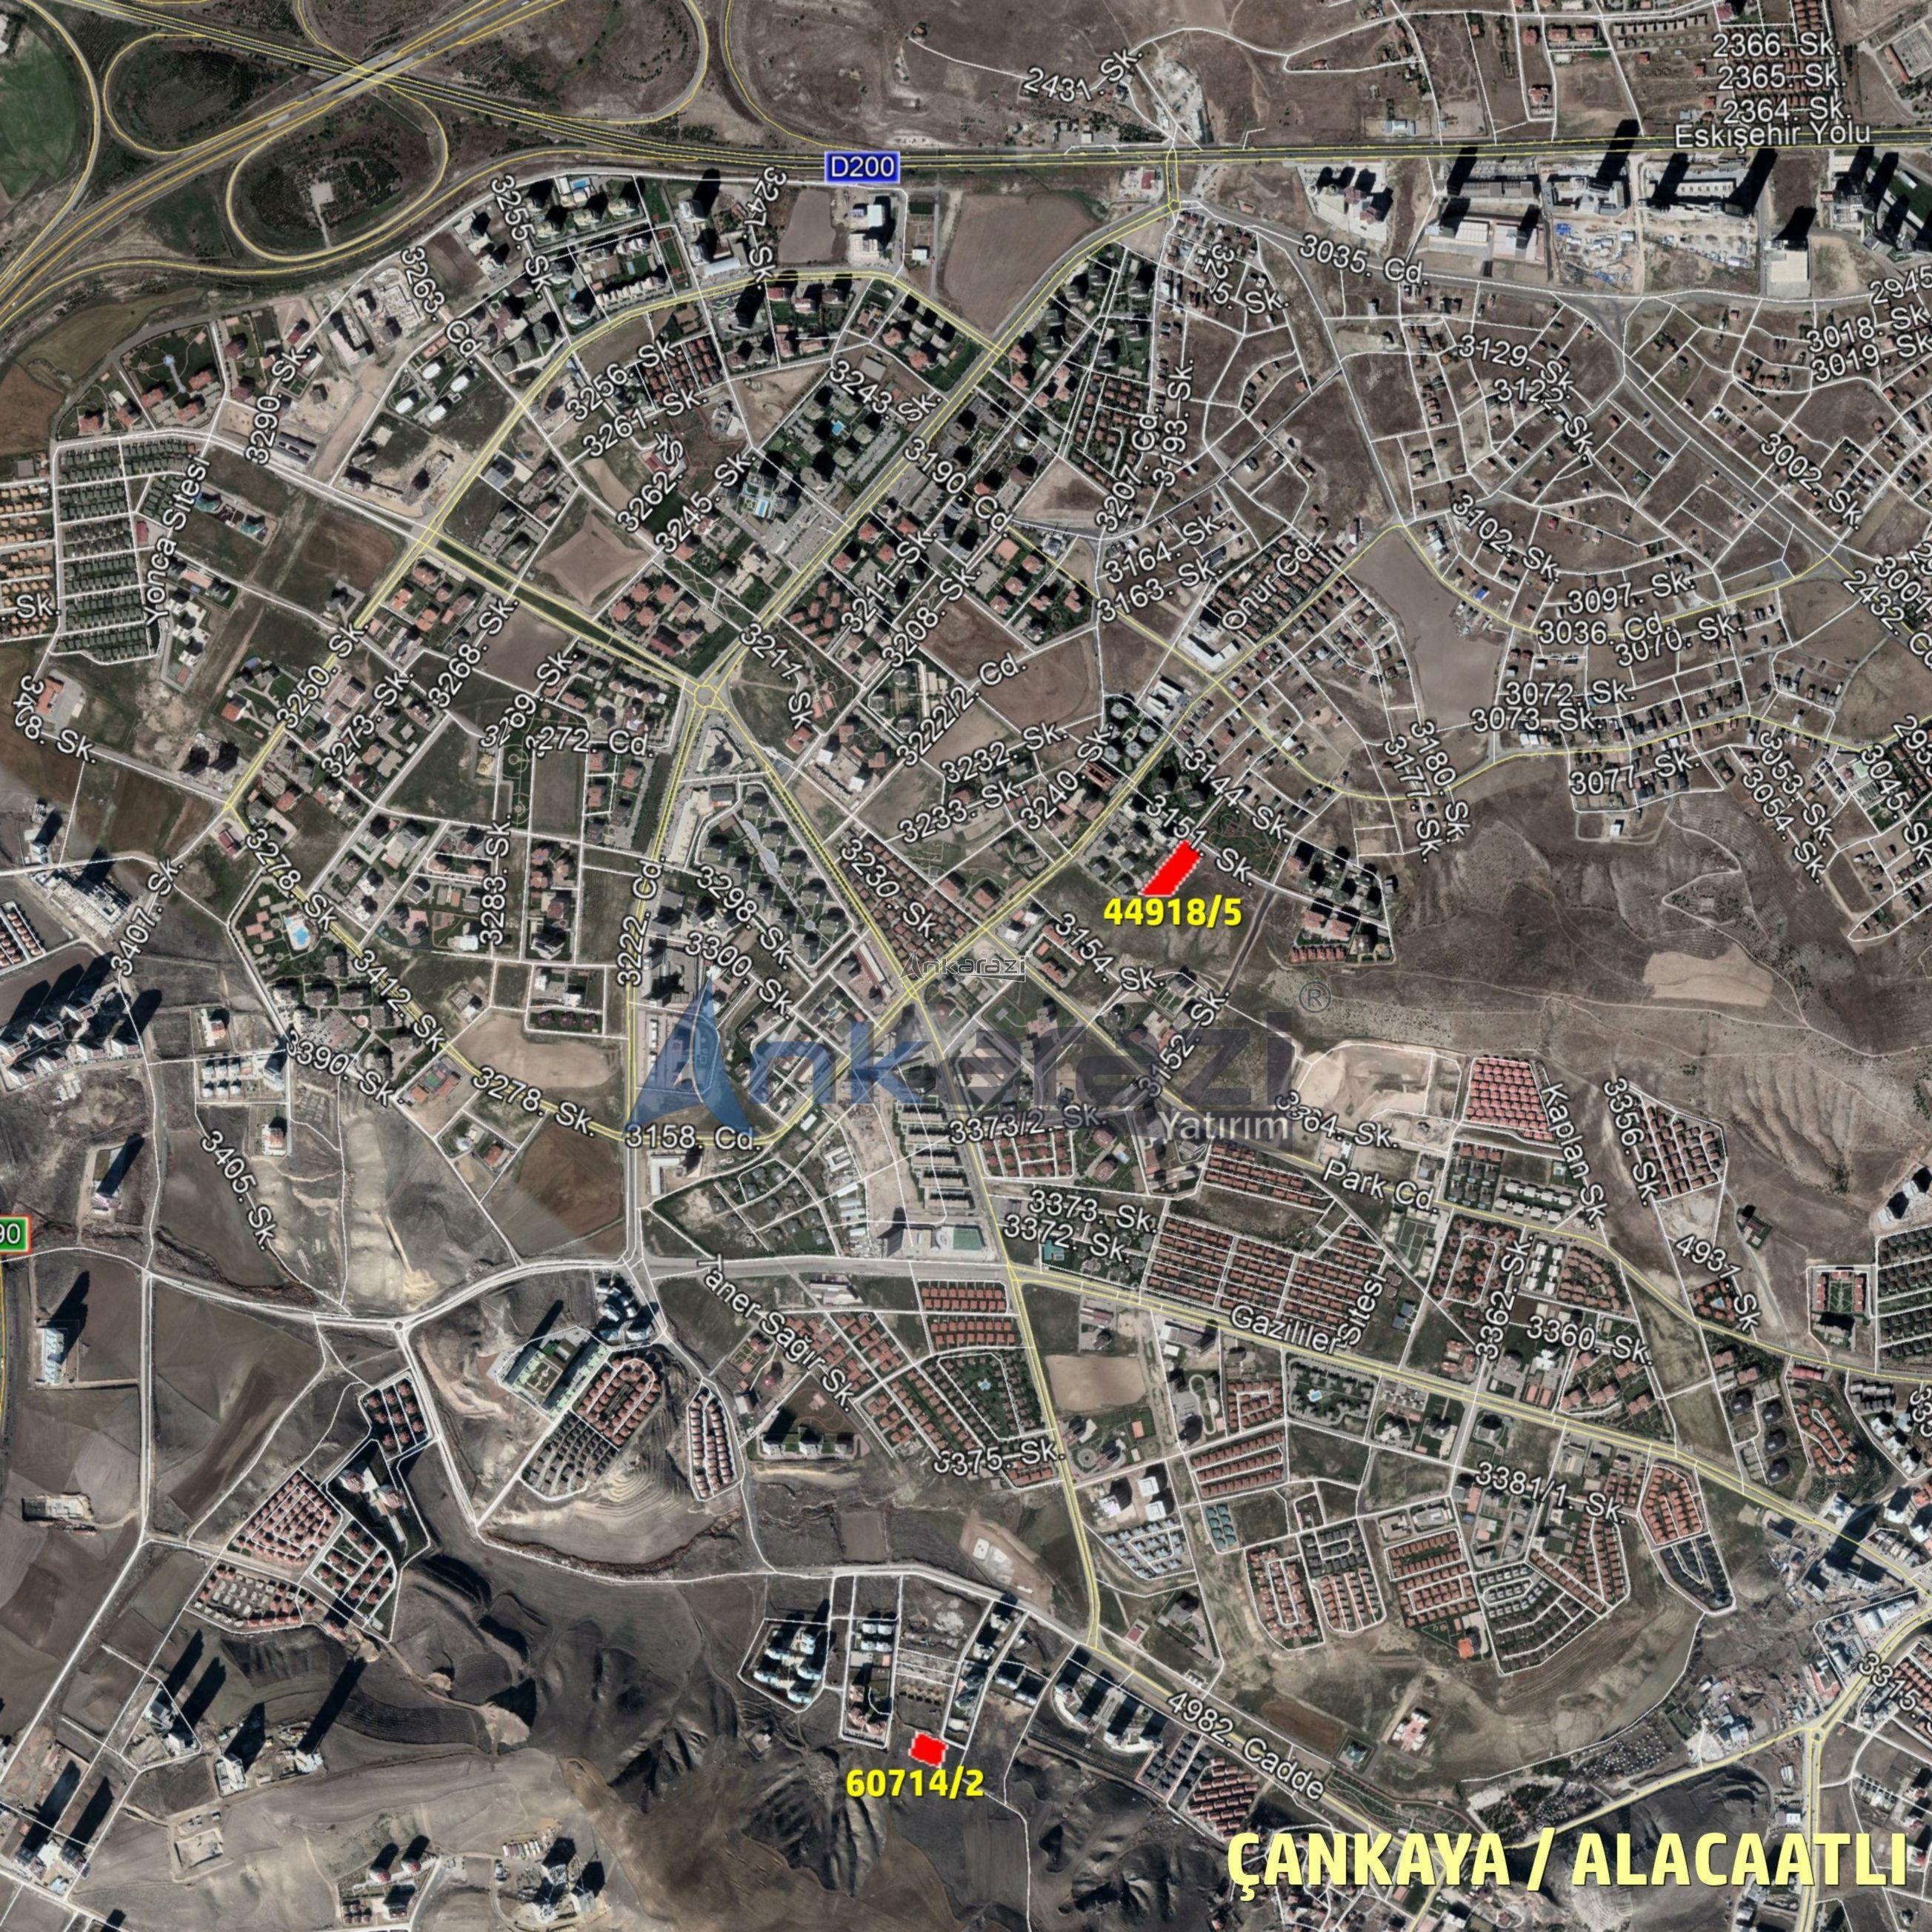 İlbank'tan Satılık Dev Arsalar... 3612